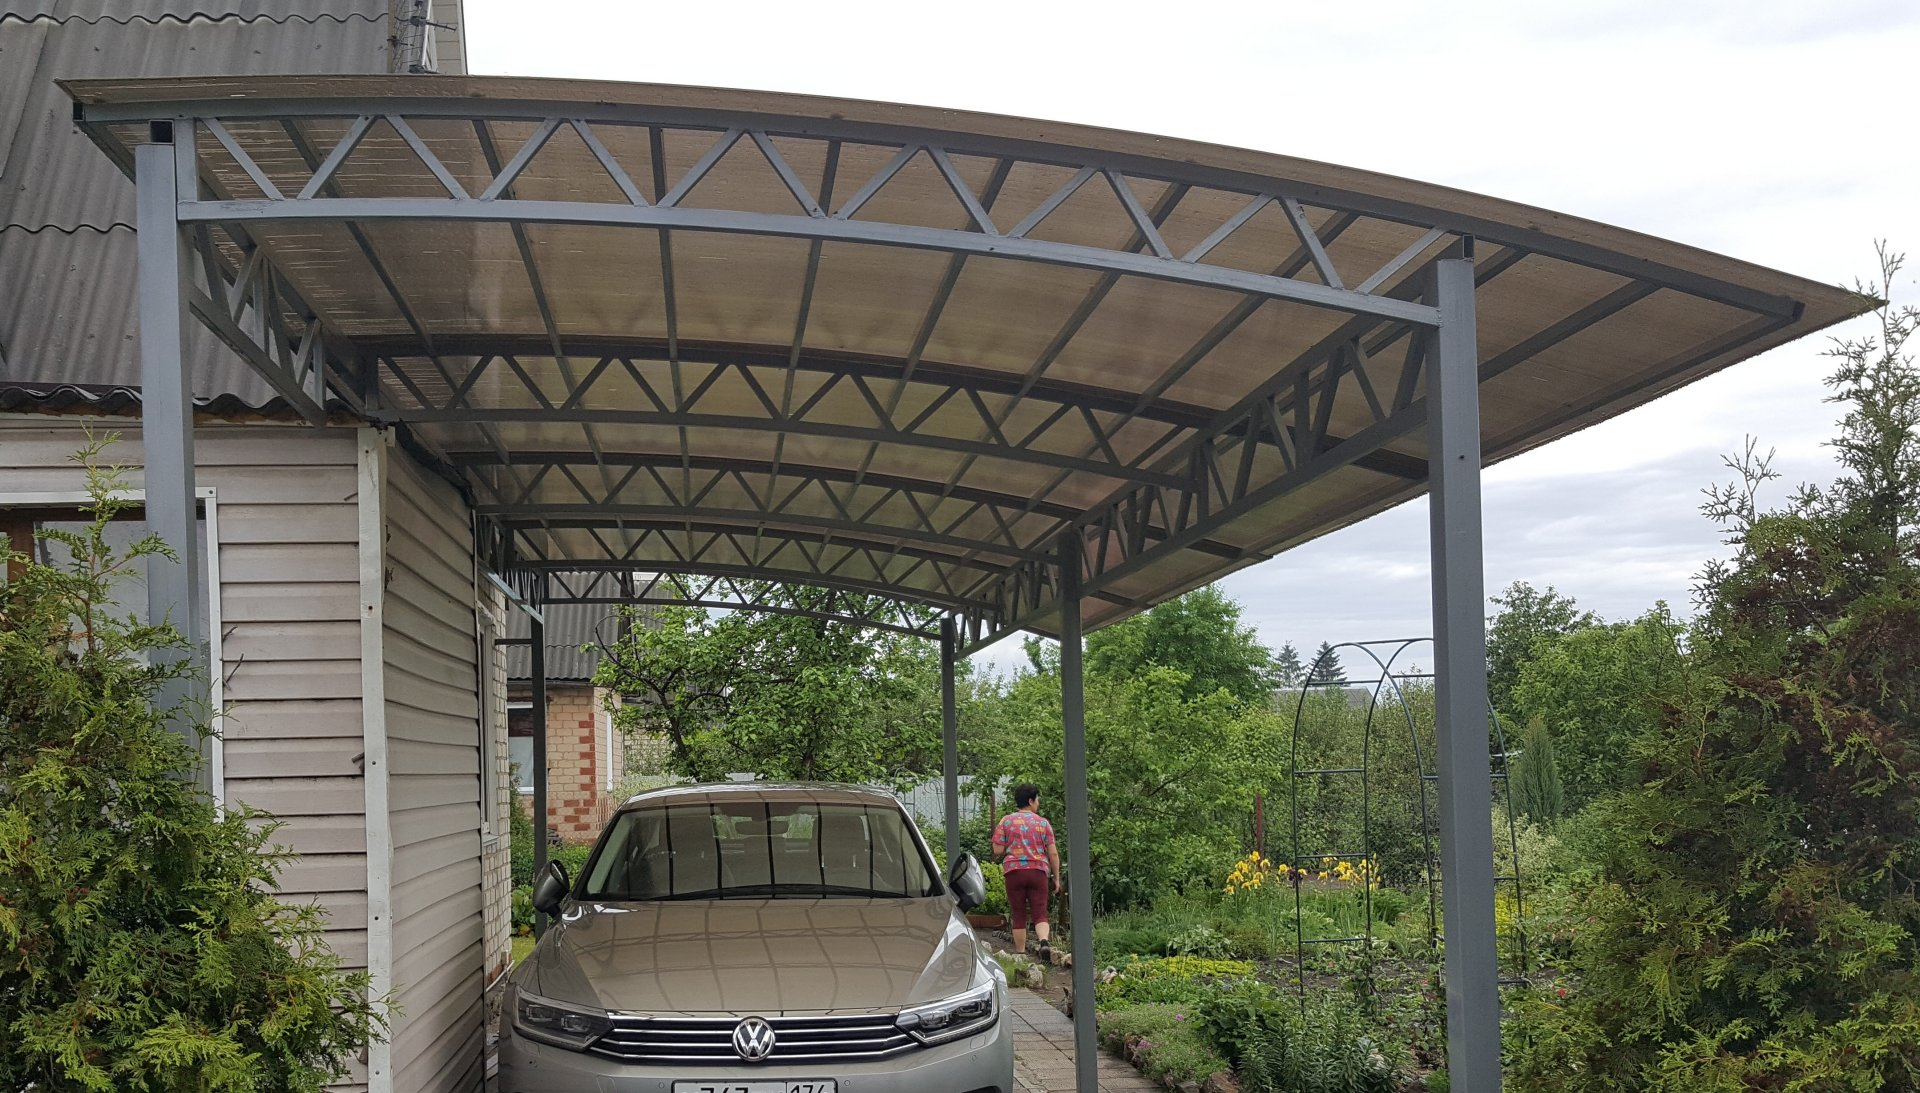 Навес для машины своими руками из дерева, металла, поликарбоната, к дому, во дворе, чертежи